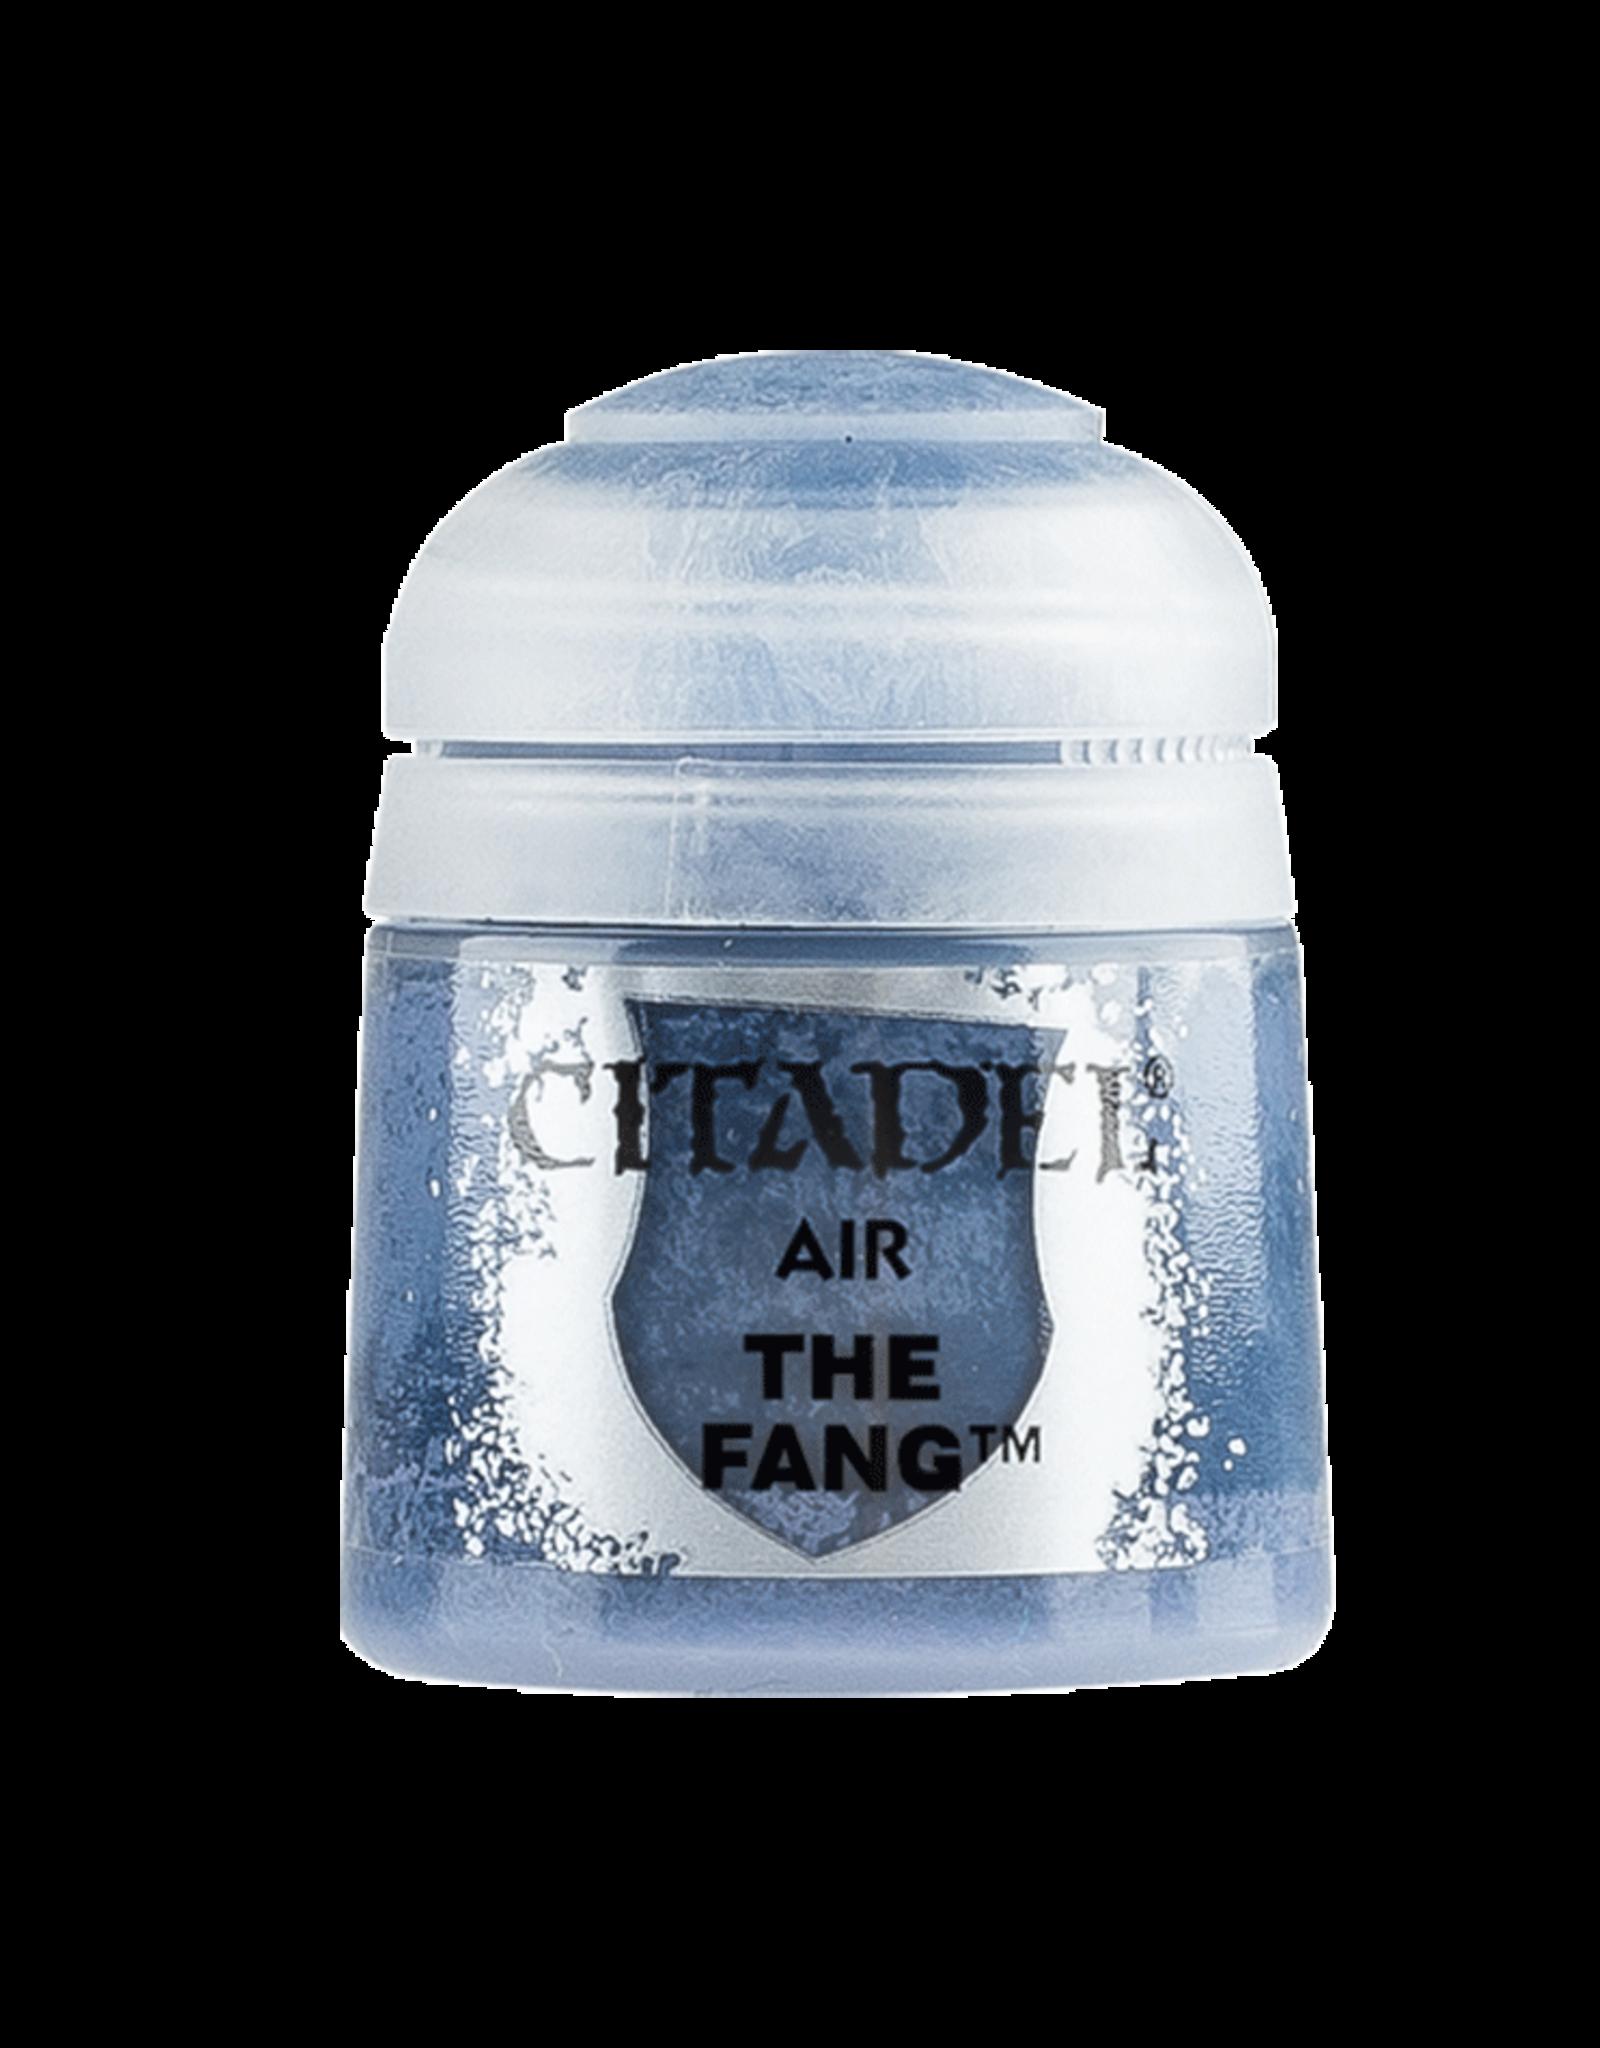 Games Workshop Citadel Air: The Fang (24ml)